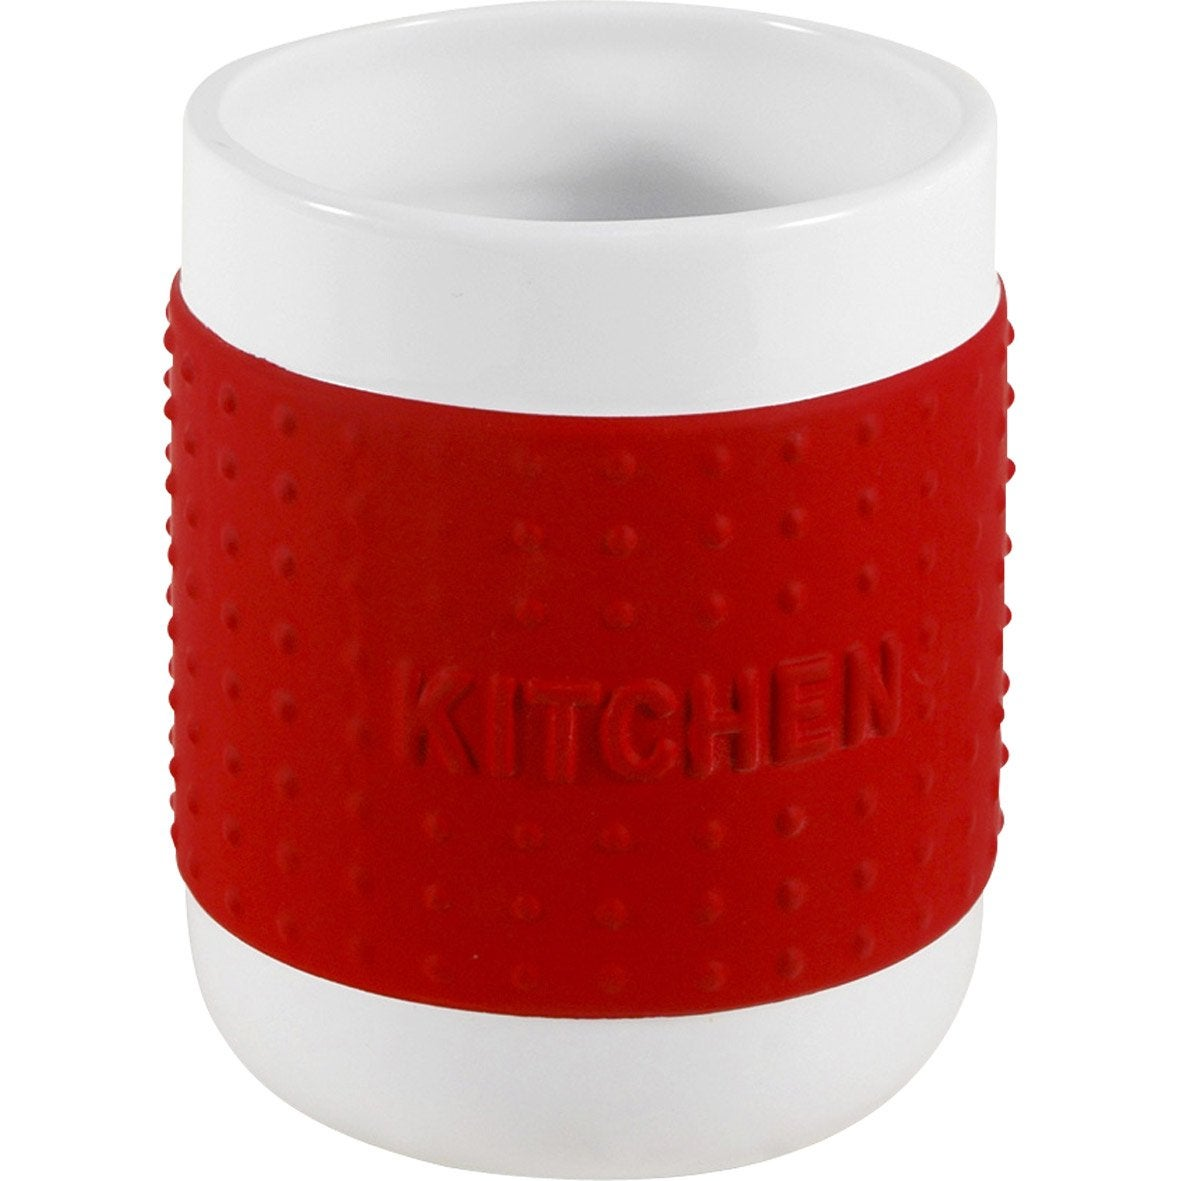 Pot range couverts c ramique rouge rouge n 3 leroy merlin - Range couvert leroy merlin ...